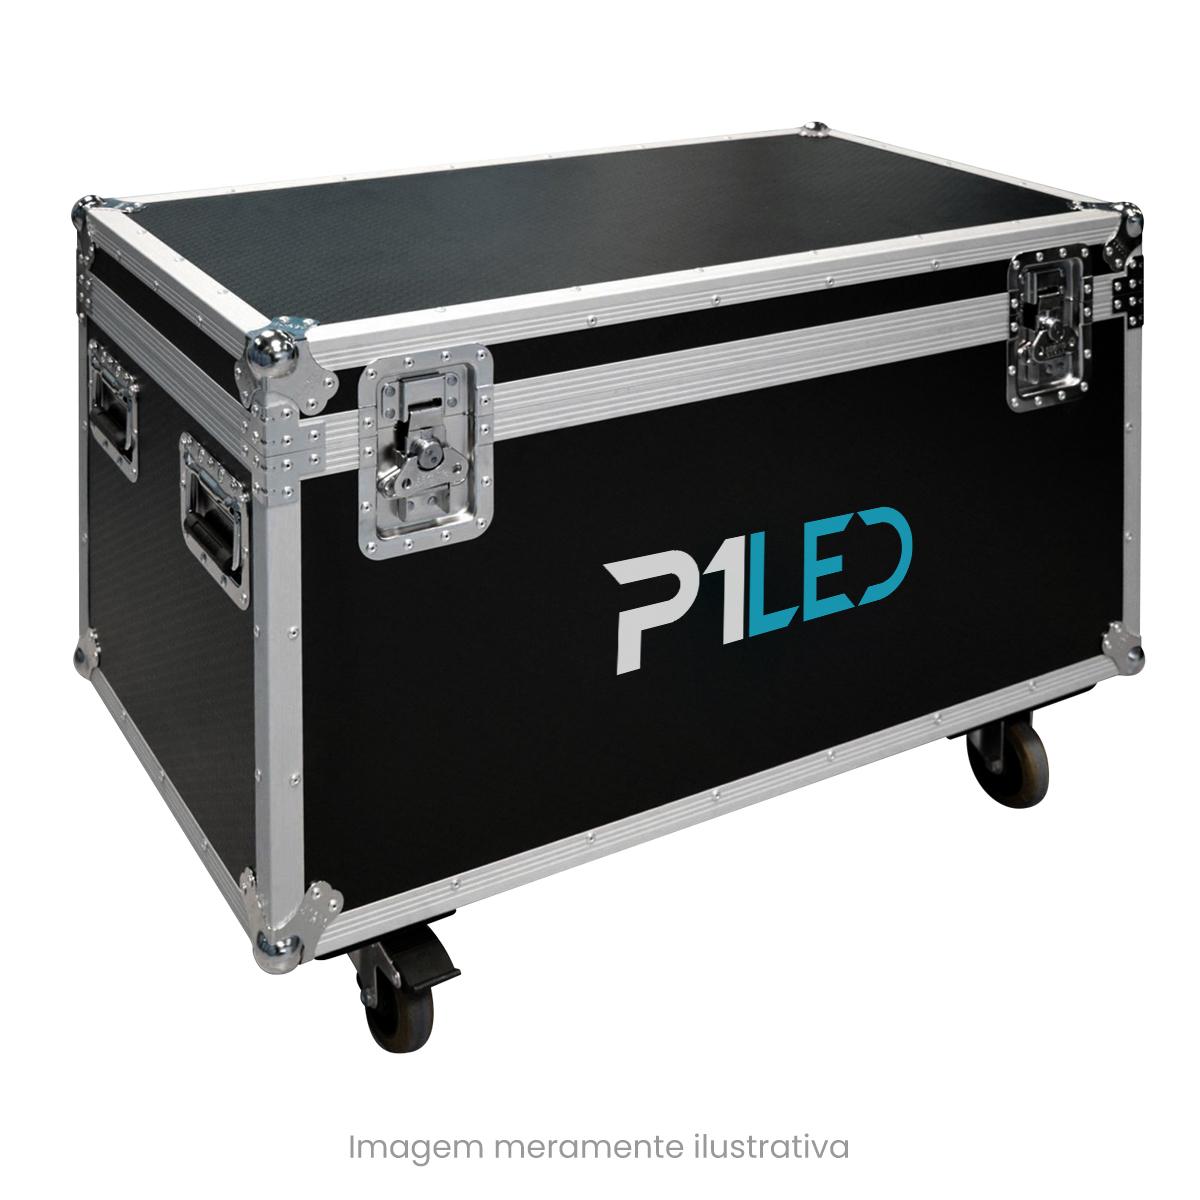 Painel de LED para Construtoras 3,84 x 2,88 - Telão P5 Outdoor  - Painel e Telão de LED - O Melhor Preço em Painel de LED | P1LED